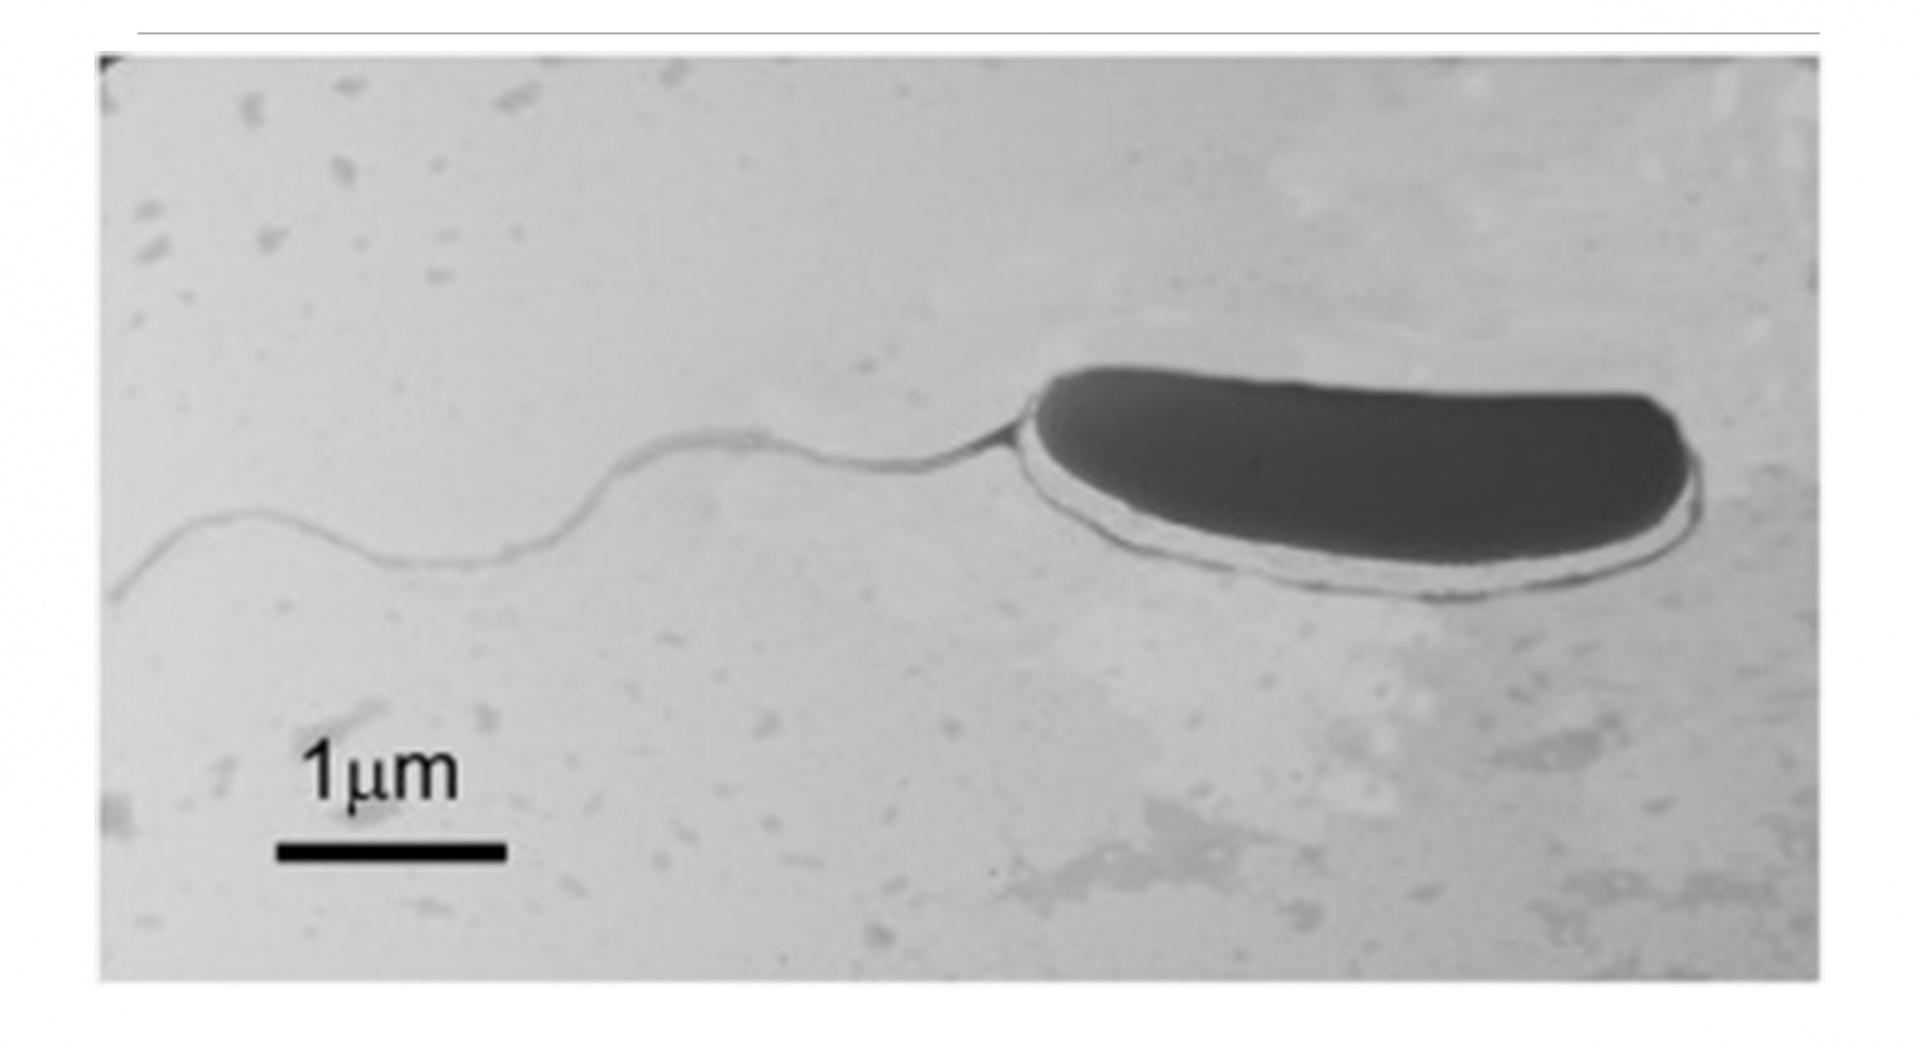 BUÜ'lü akademisyenler yeni bir bakteri türü keşfetti